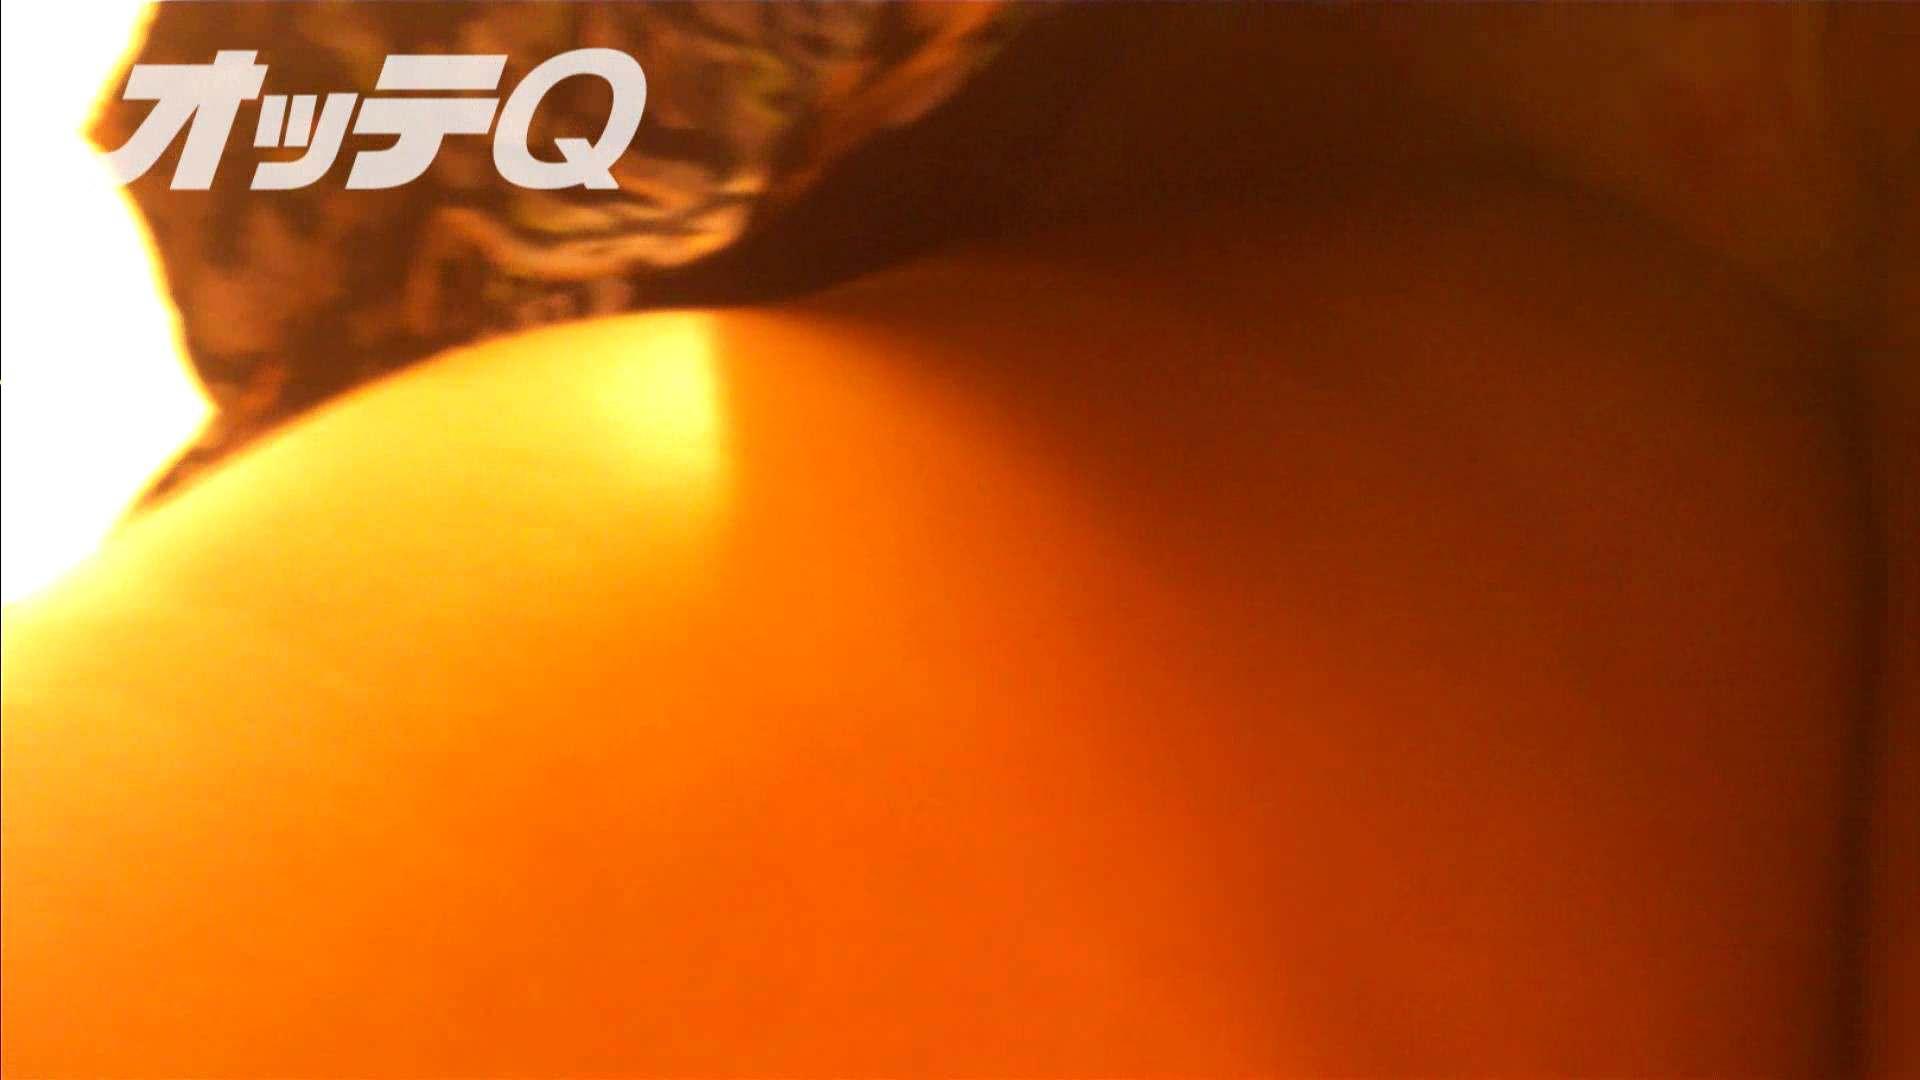 ハイビジョンパンチラ オッテQさんの追跡パンチラデパート編VOL.04 ギャル エロ画像 105pic 99